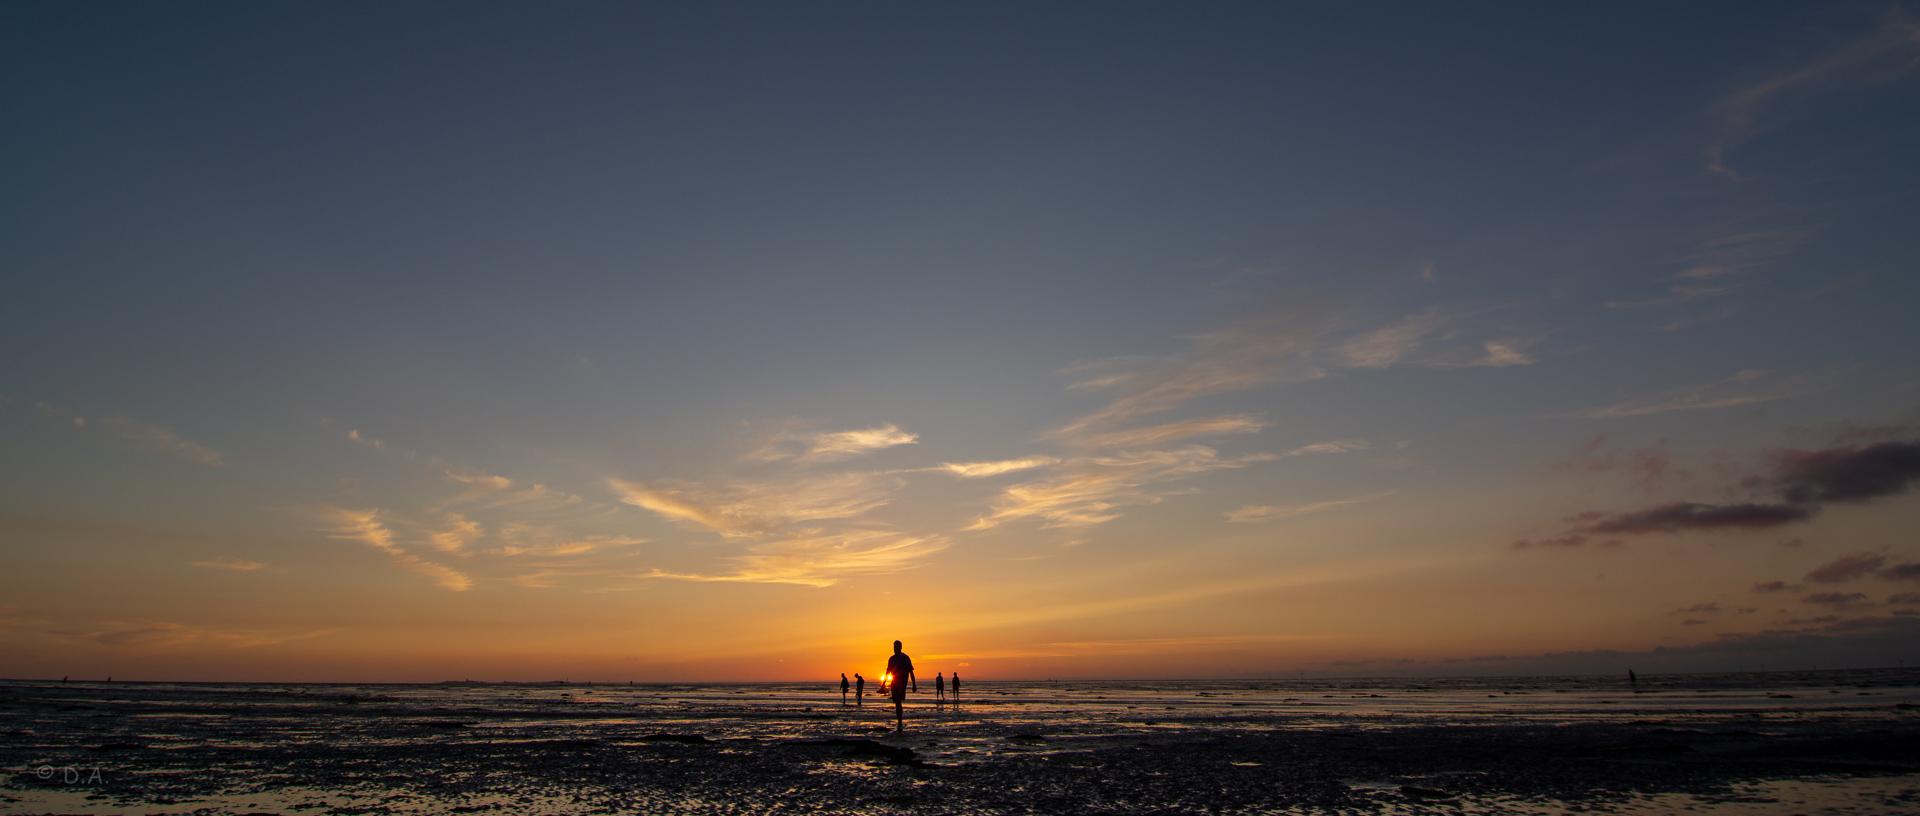 Sonnenuntergang bei Cuxhaven Duhnen